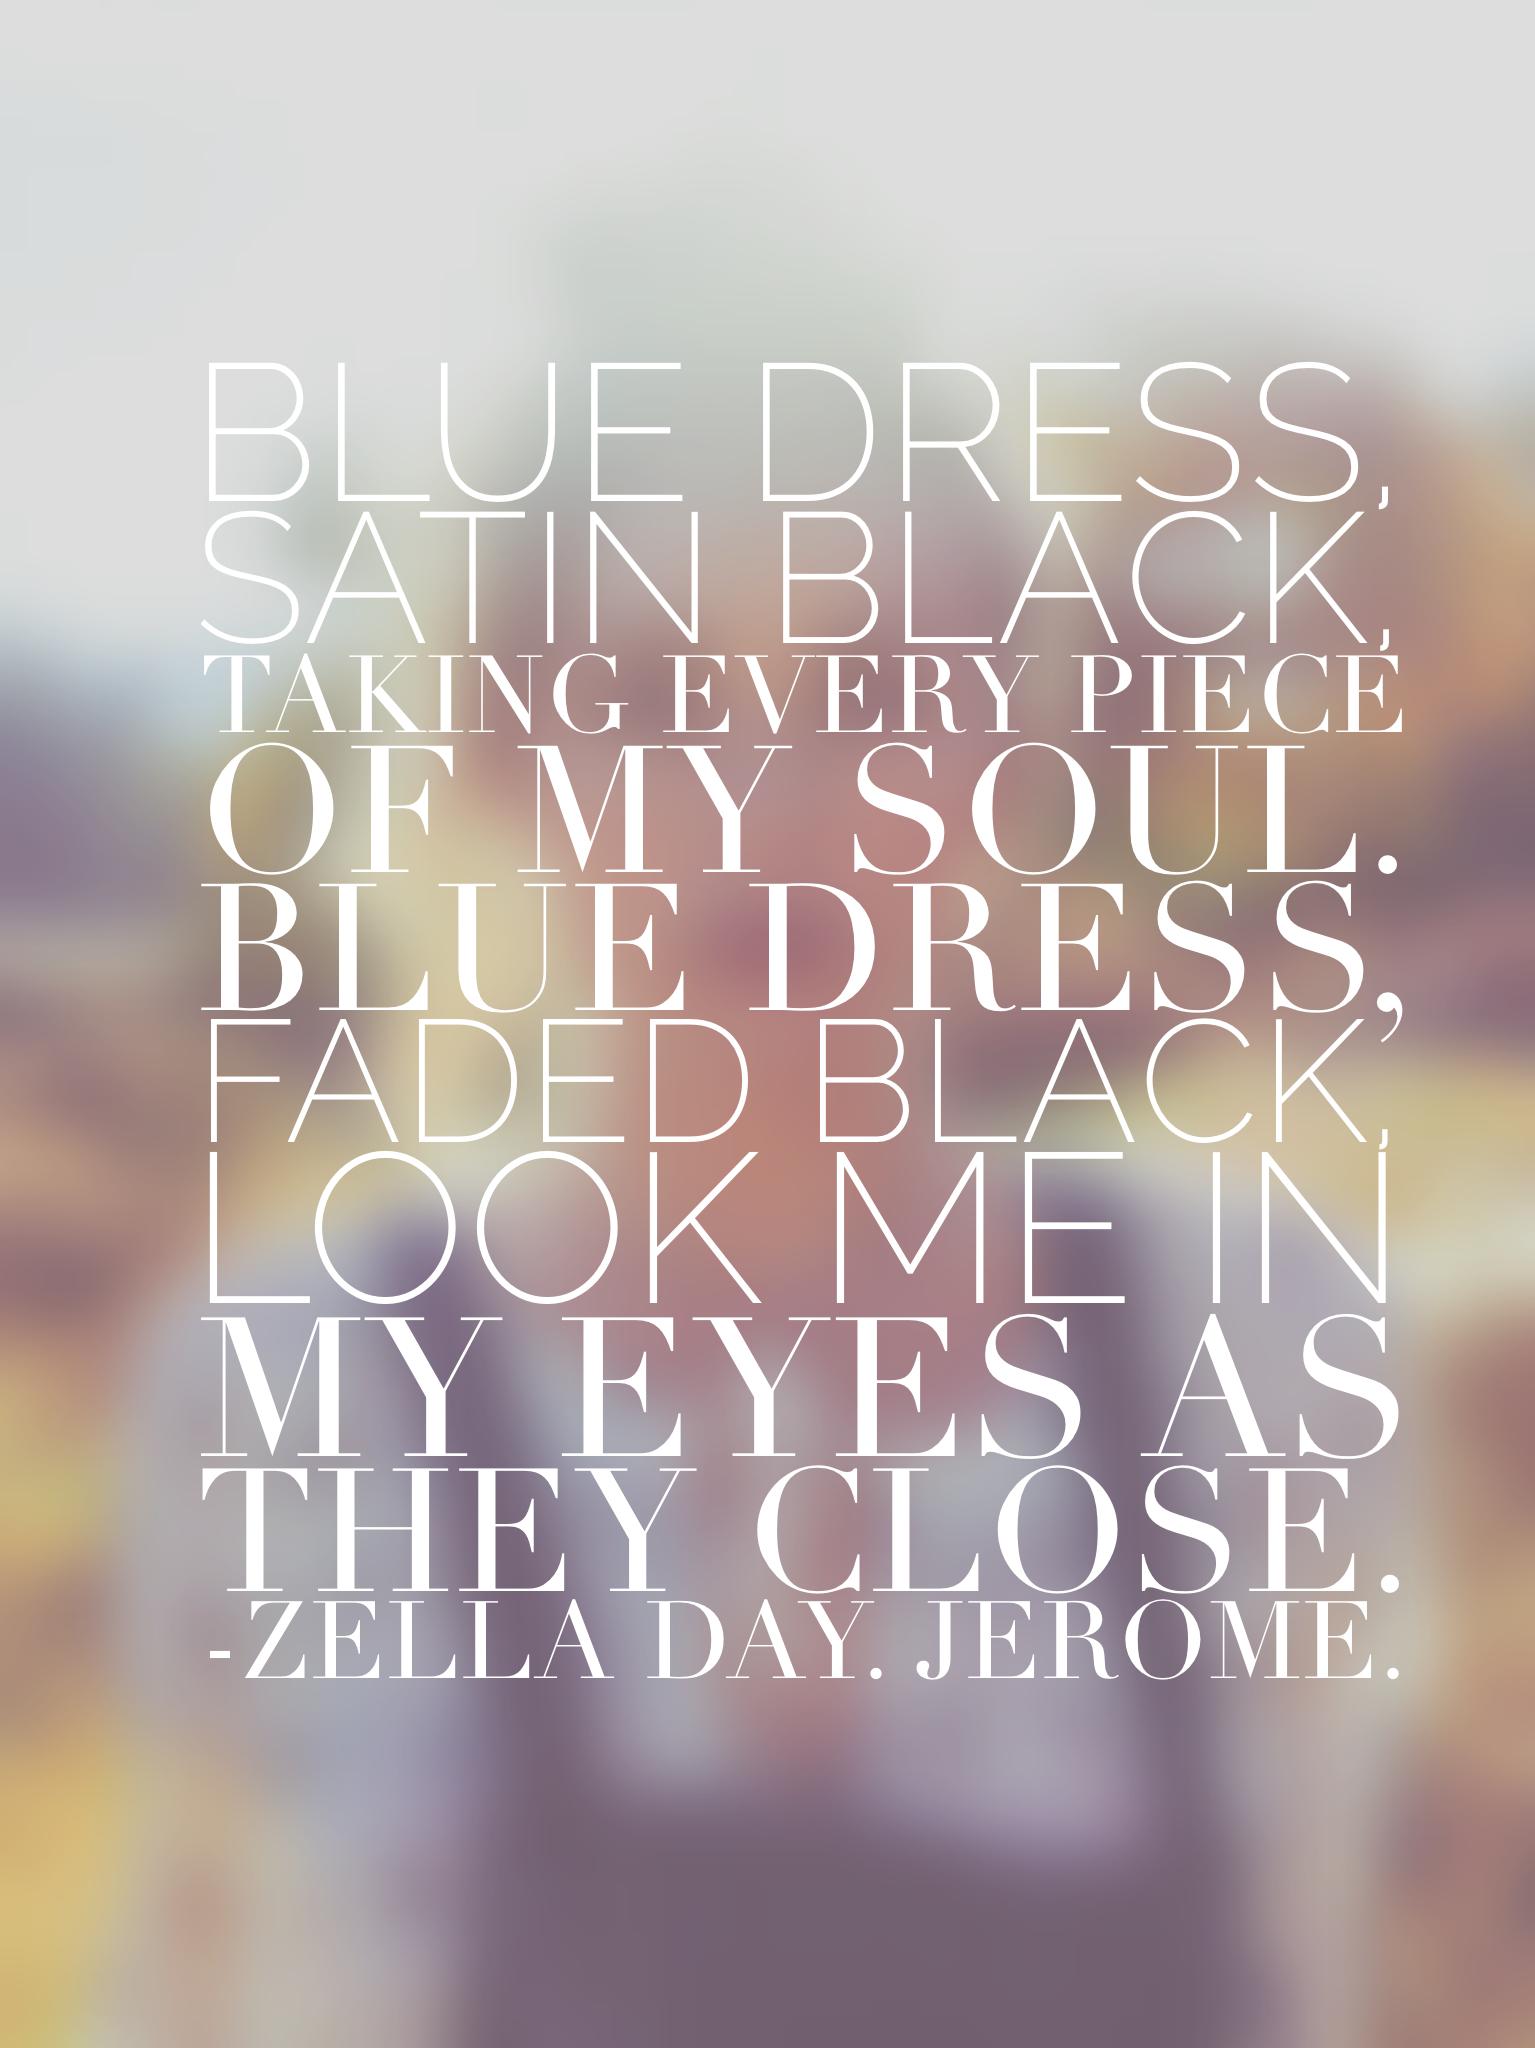 Zella Day Jerome Lyrics Ellexirs Music Lyrics Lyrics Songs